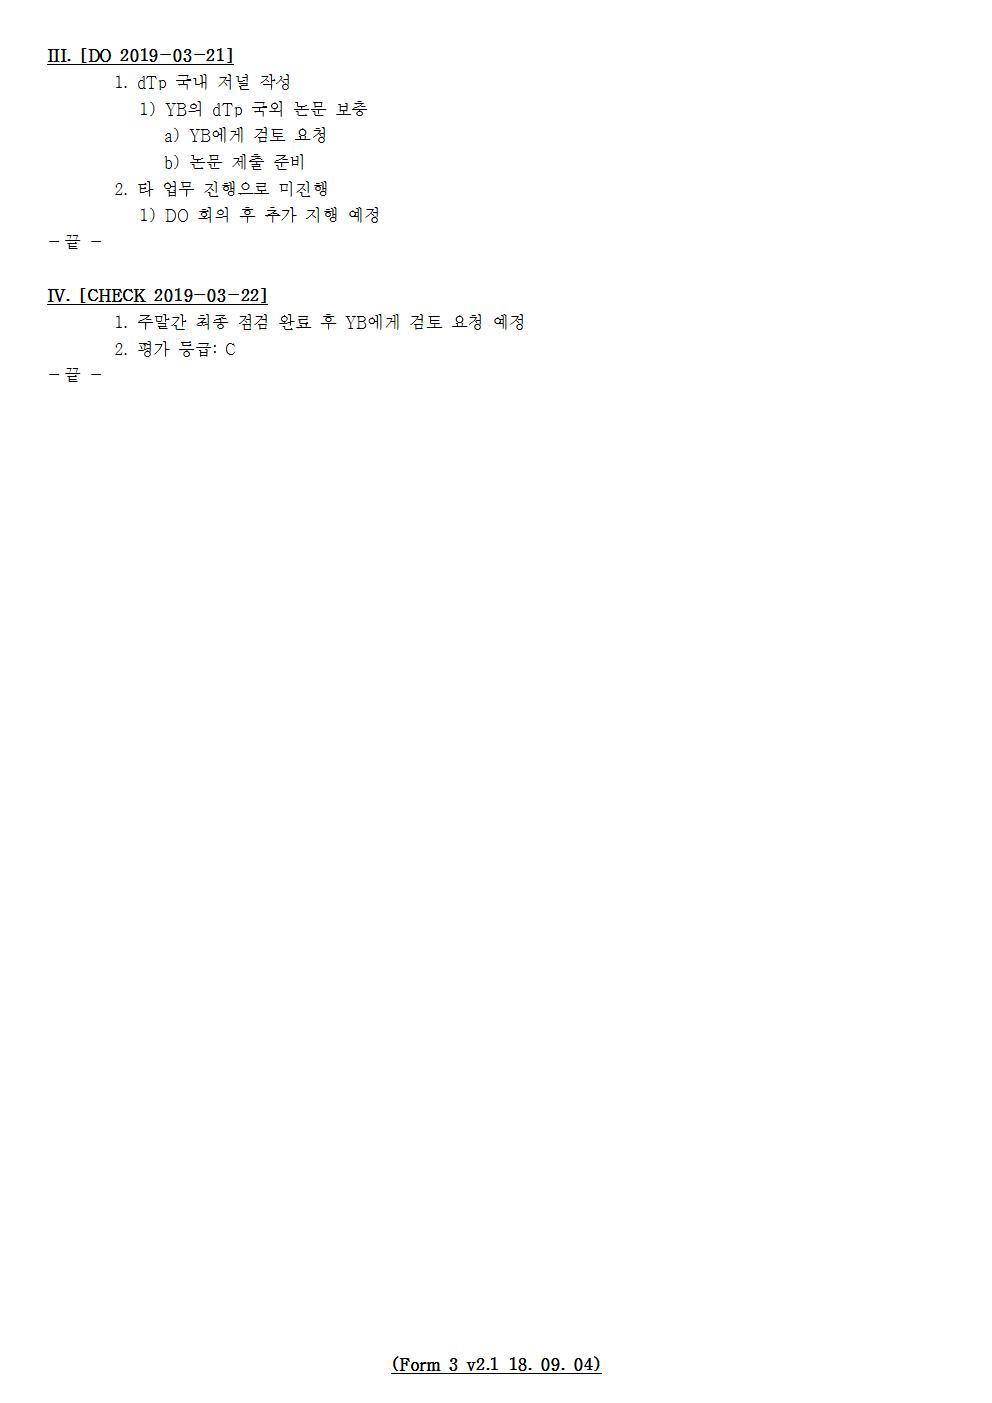 D-[19-012-PP-04]-[dTp-국내]-[2019-03-22][JS]002.jpg